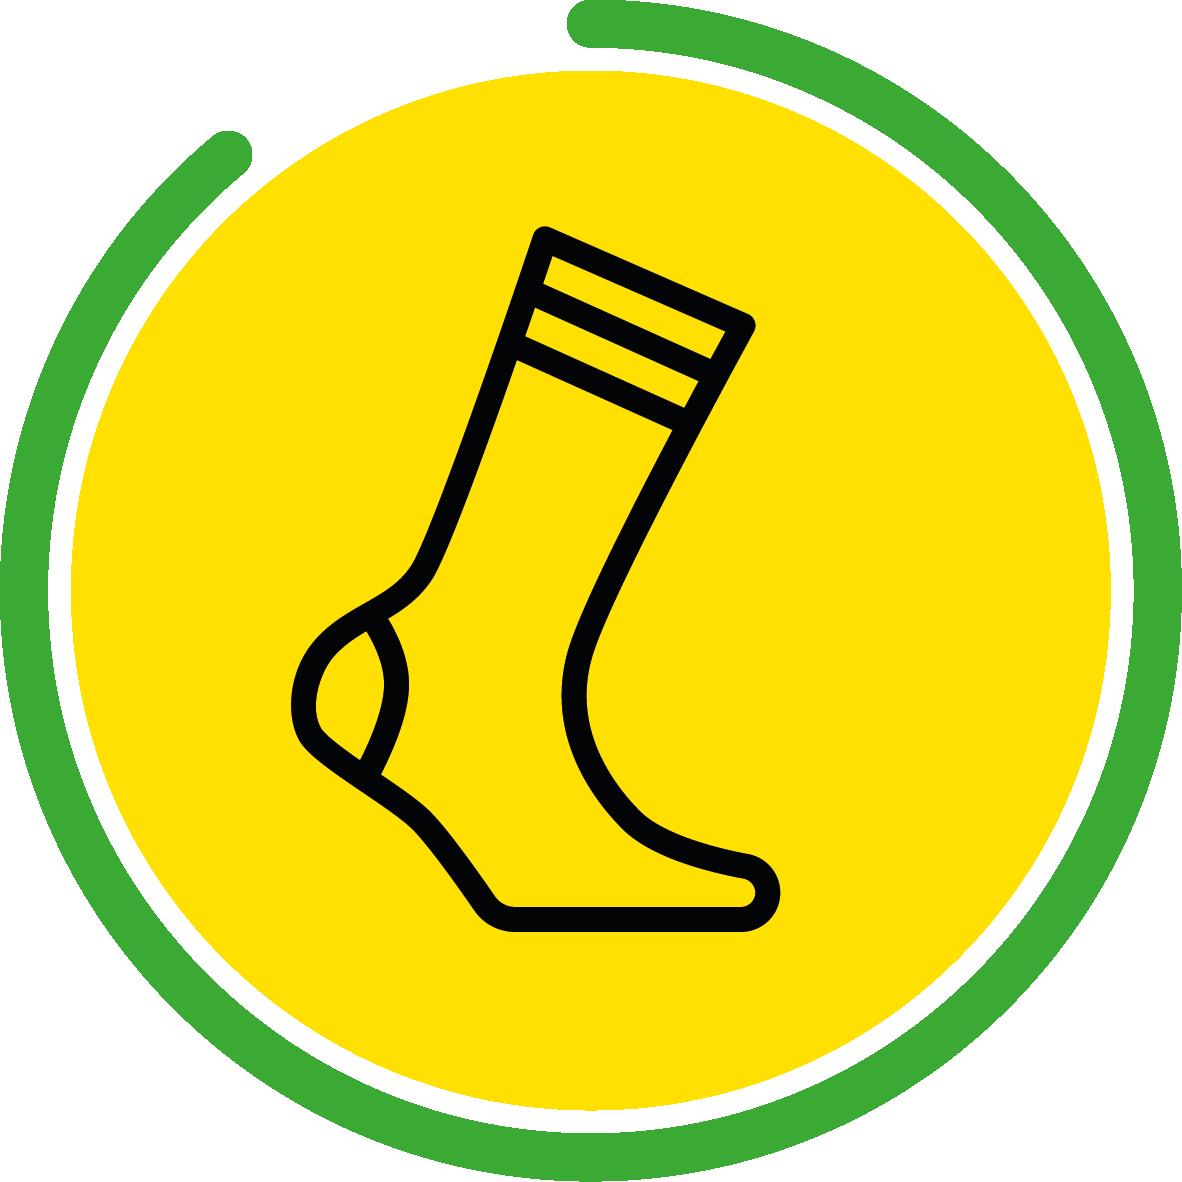 Choisir la bonne chaussette